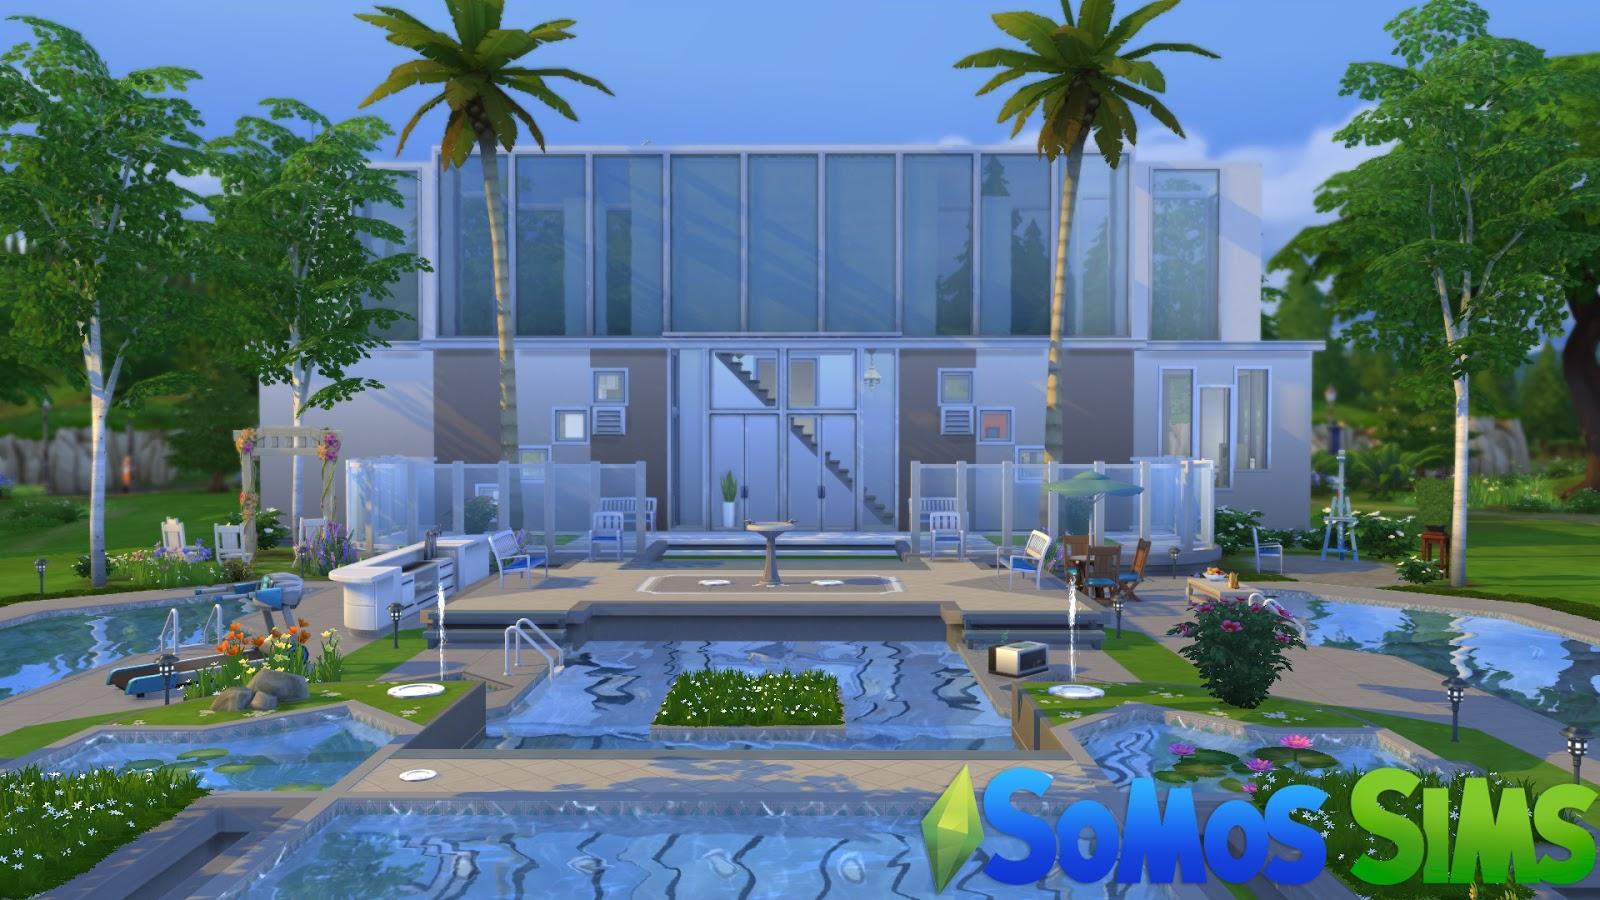 Casa da piscina download para ts4 somos sims for Piscina sims 4